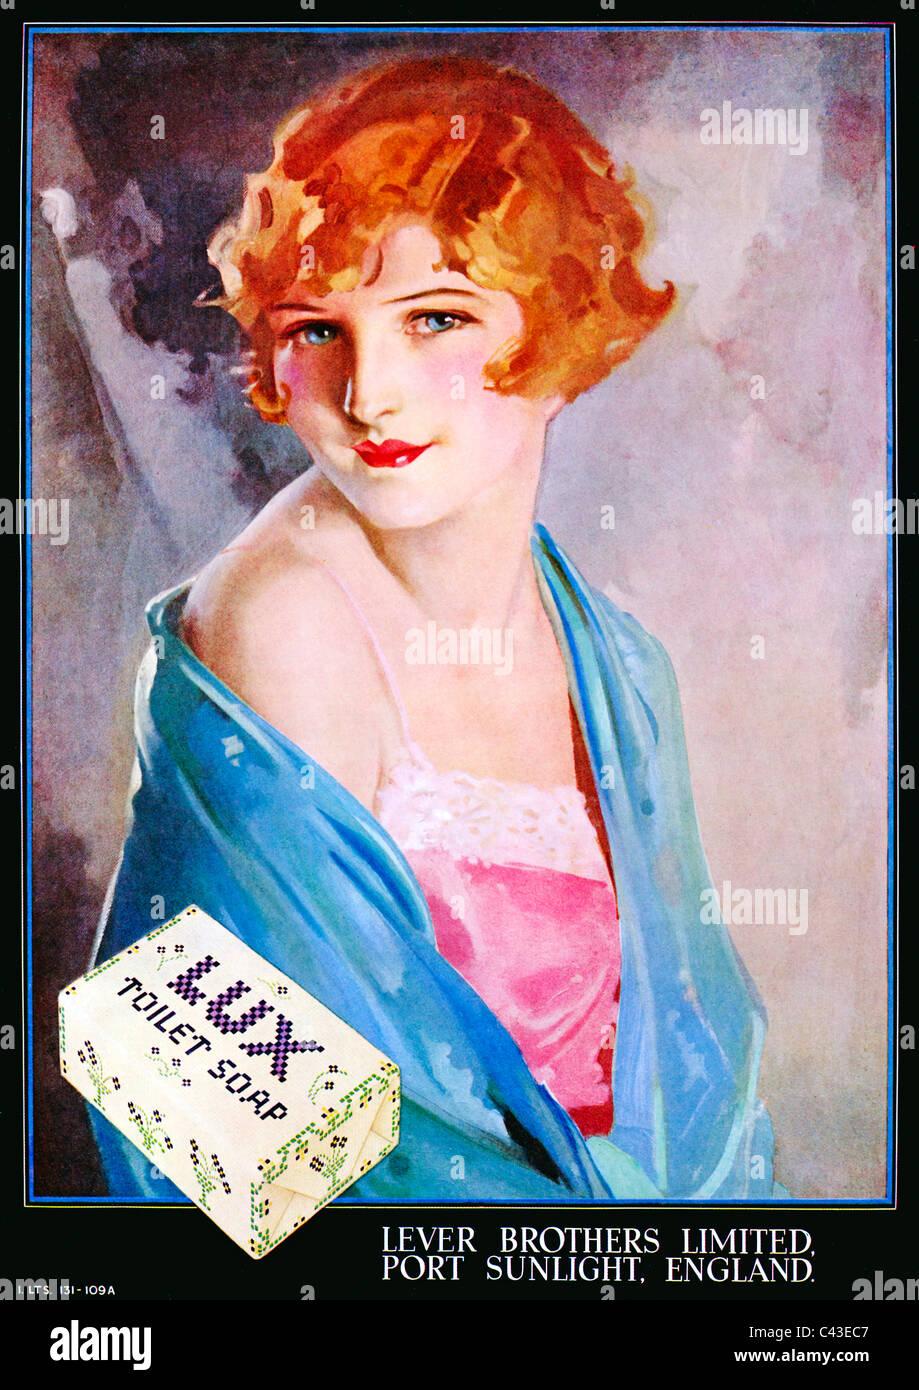 Savon de toilette Lux, 1932 publicité pour le savon Bros levier avec une belle peinture d'une belle fille Photo Stock